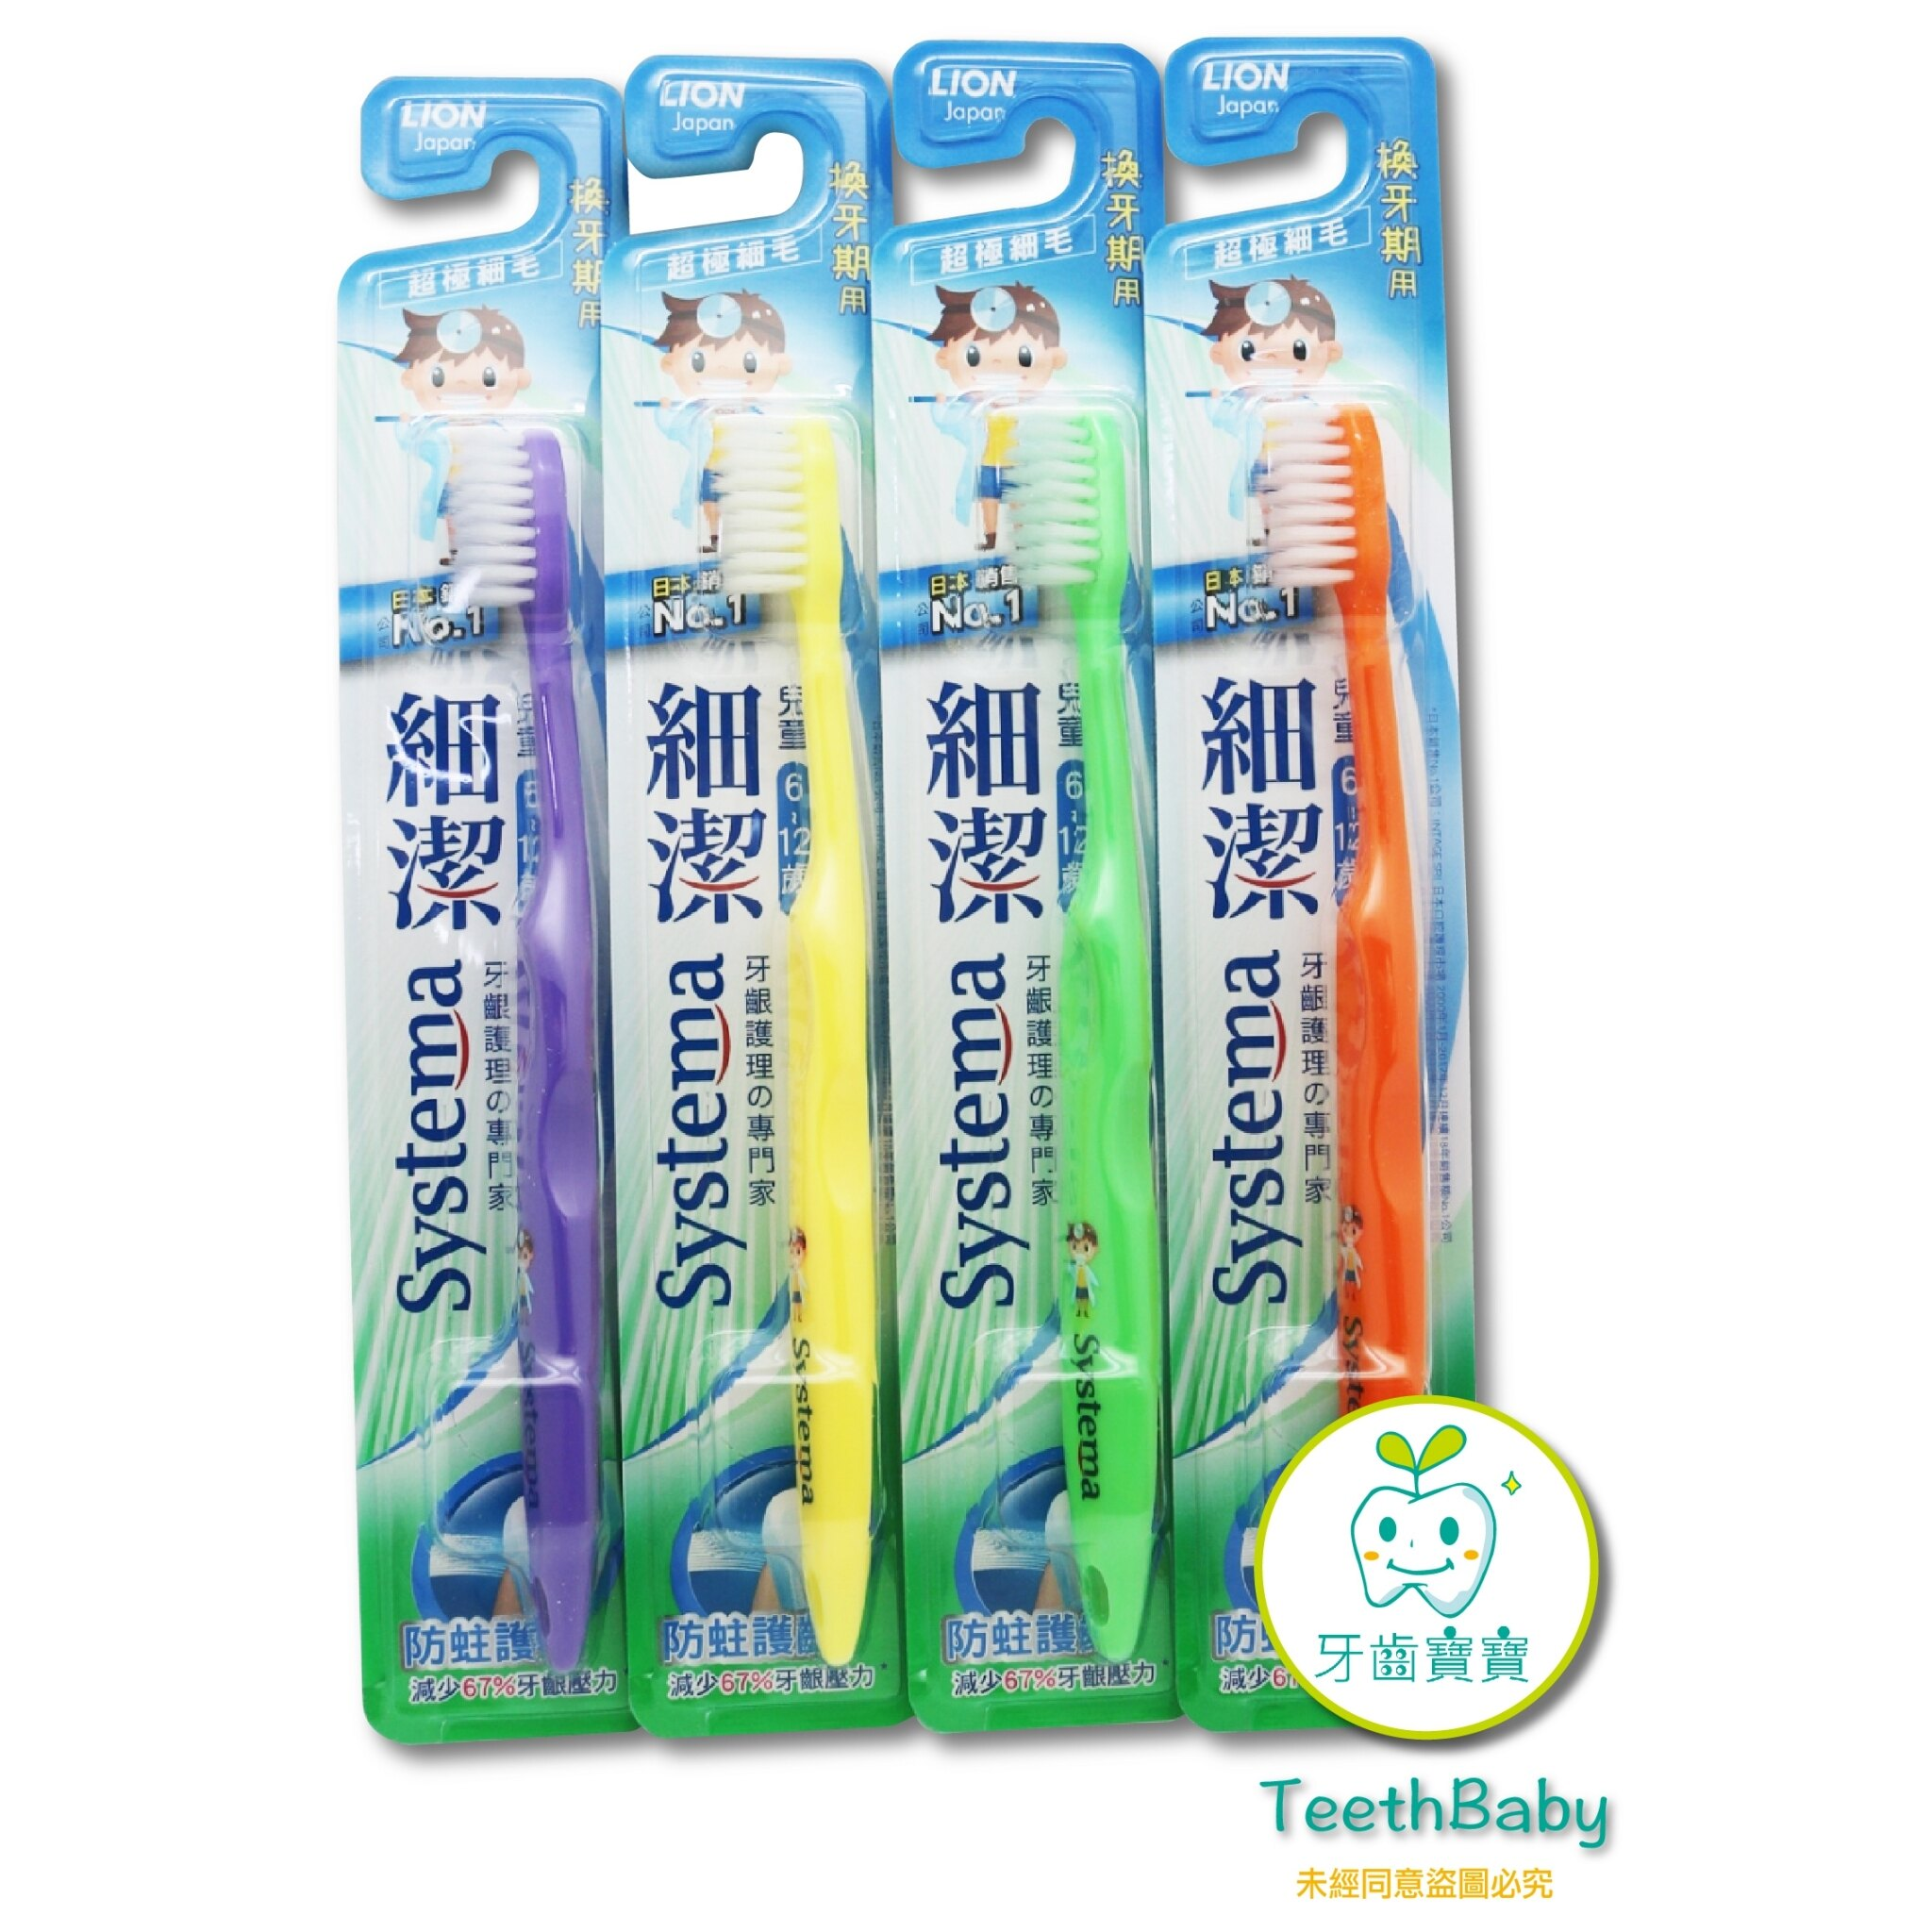 日本獅王 LION 細潔兒童牙刷(低學年用) 6~9歲-1入